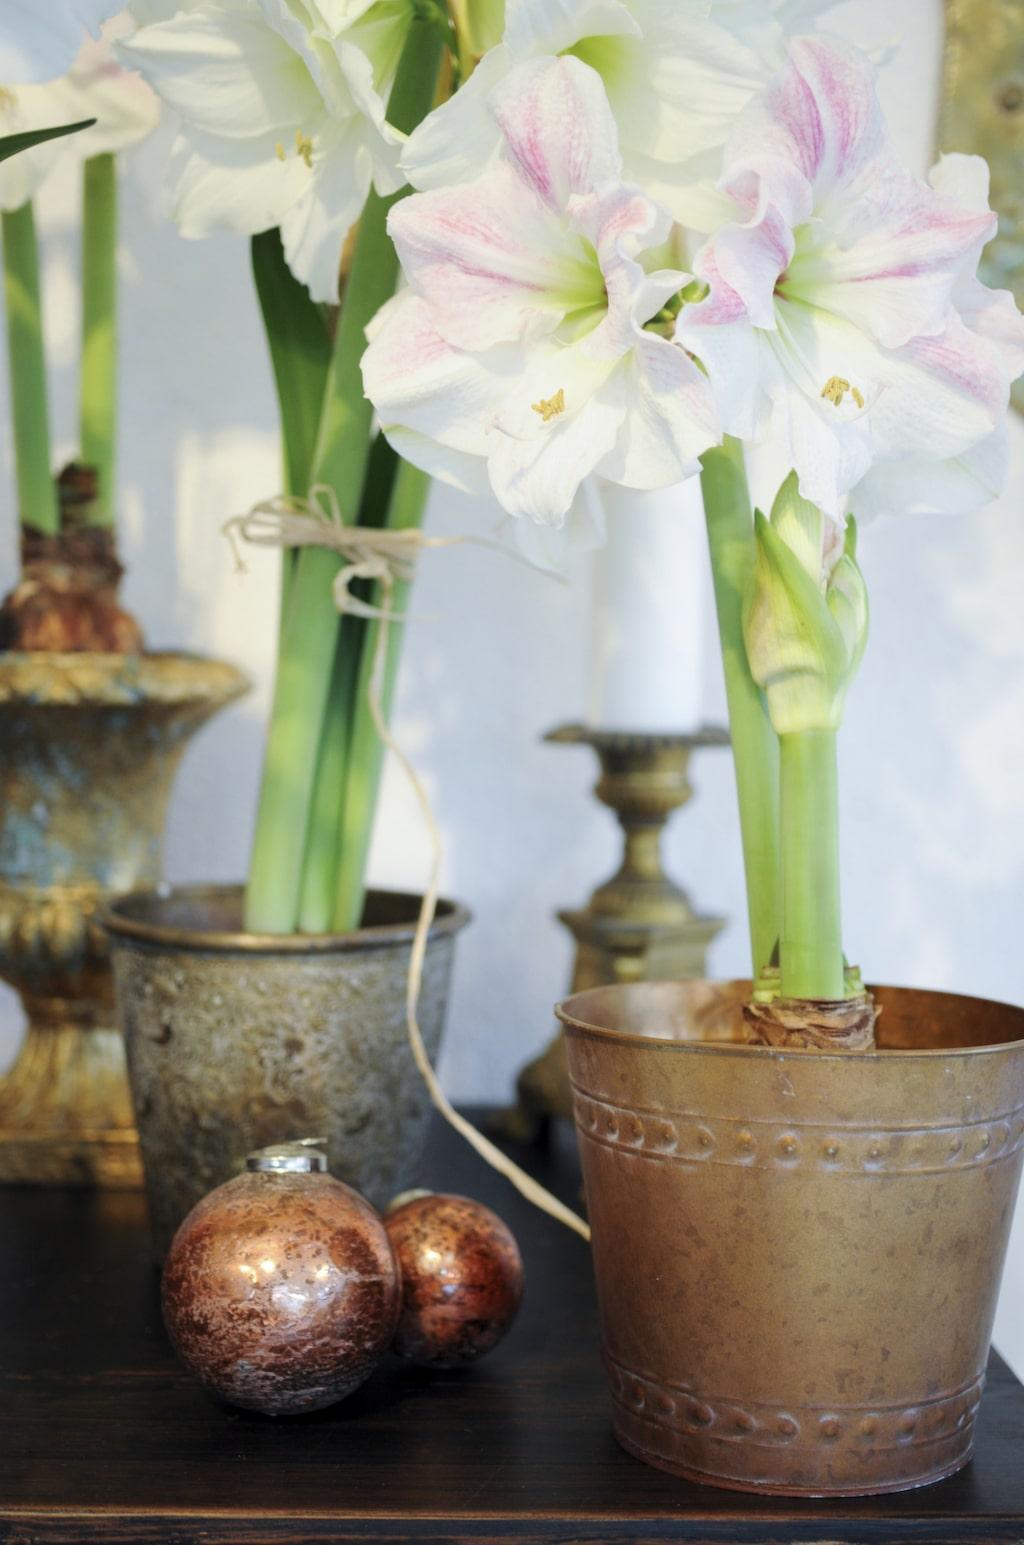 Amaryllisar i krukor på ett av de många antika bord Håkan hittat på auktion. Där har han även hittat de vackra julkulorna. Vissa krukor målas om och dekoreras då inte sällan med bladguld, medan andra får vara precis som de är när han hittar dem.